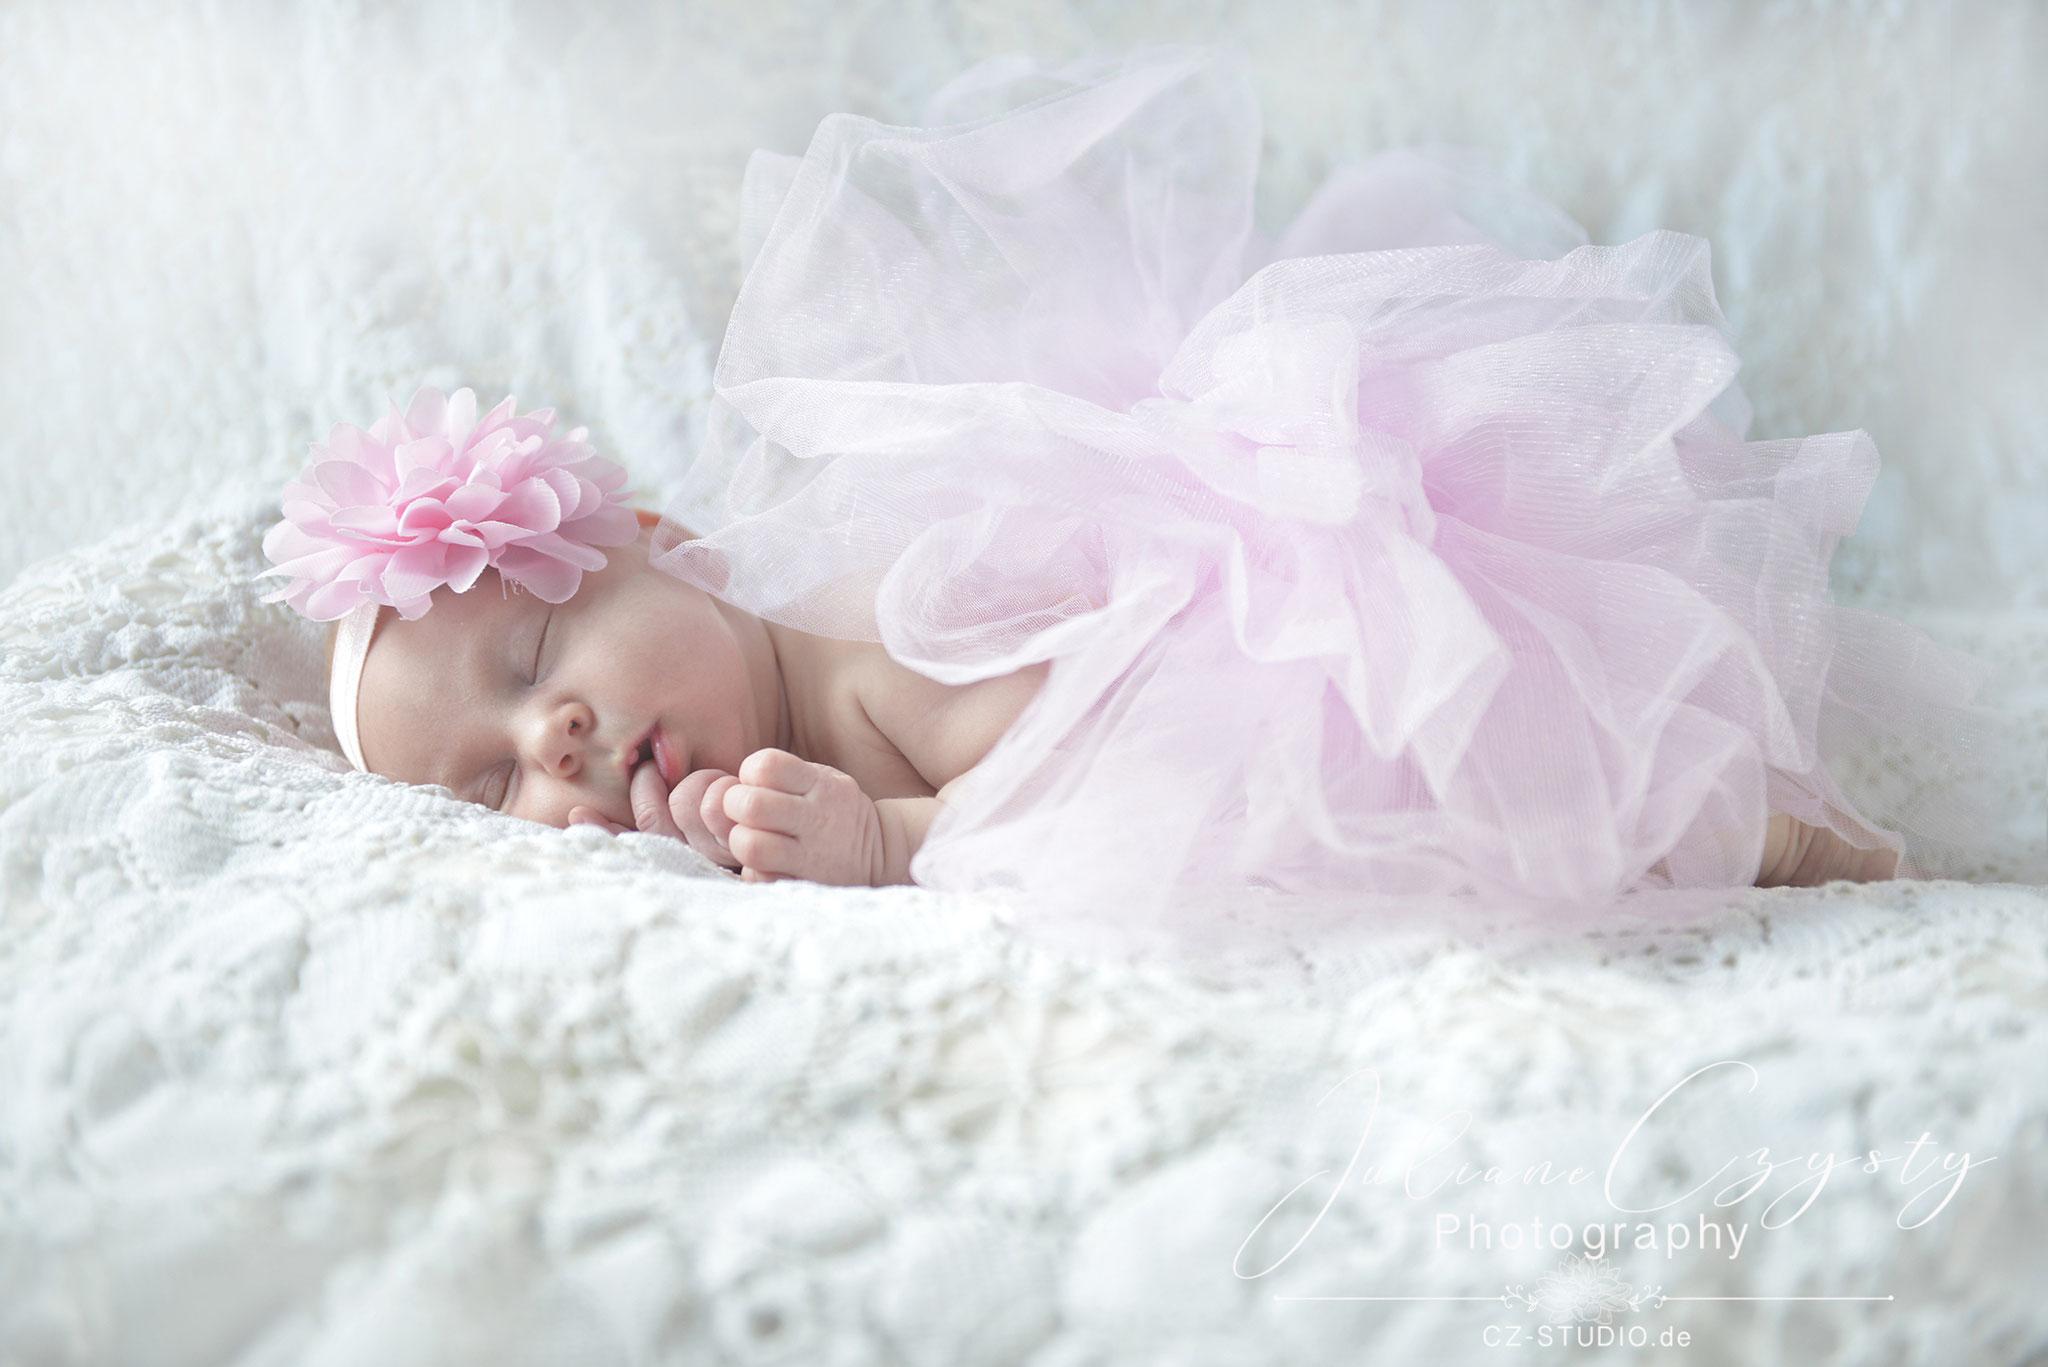 Newborn-Shooting – Juliane Czysty, Fotografin in Visselhövede bei Rotenburg